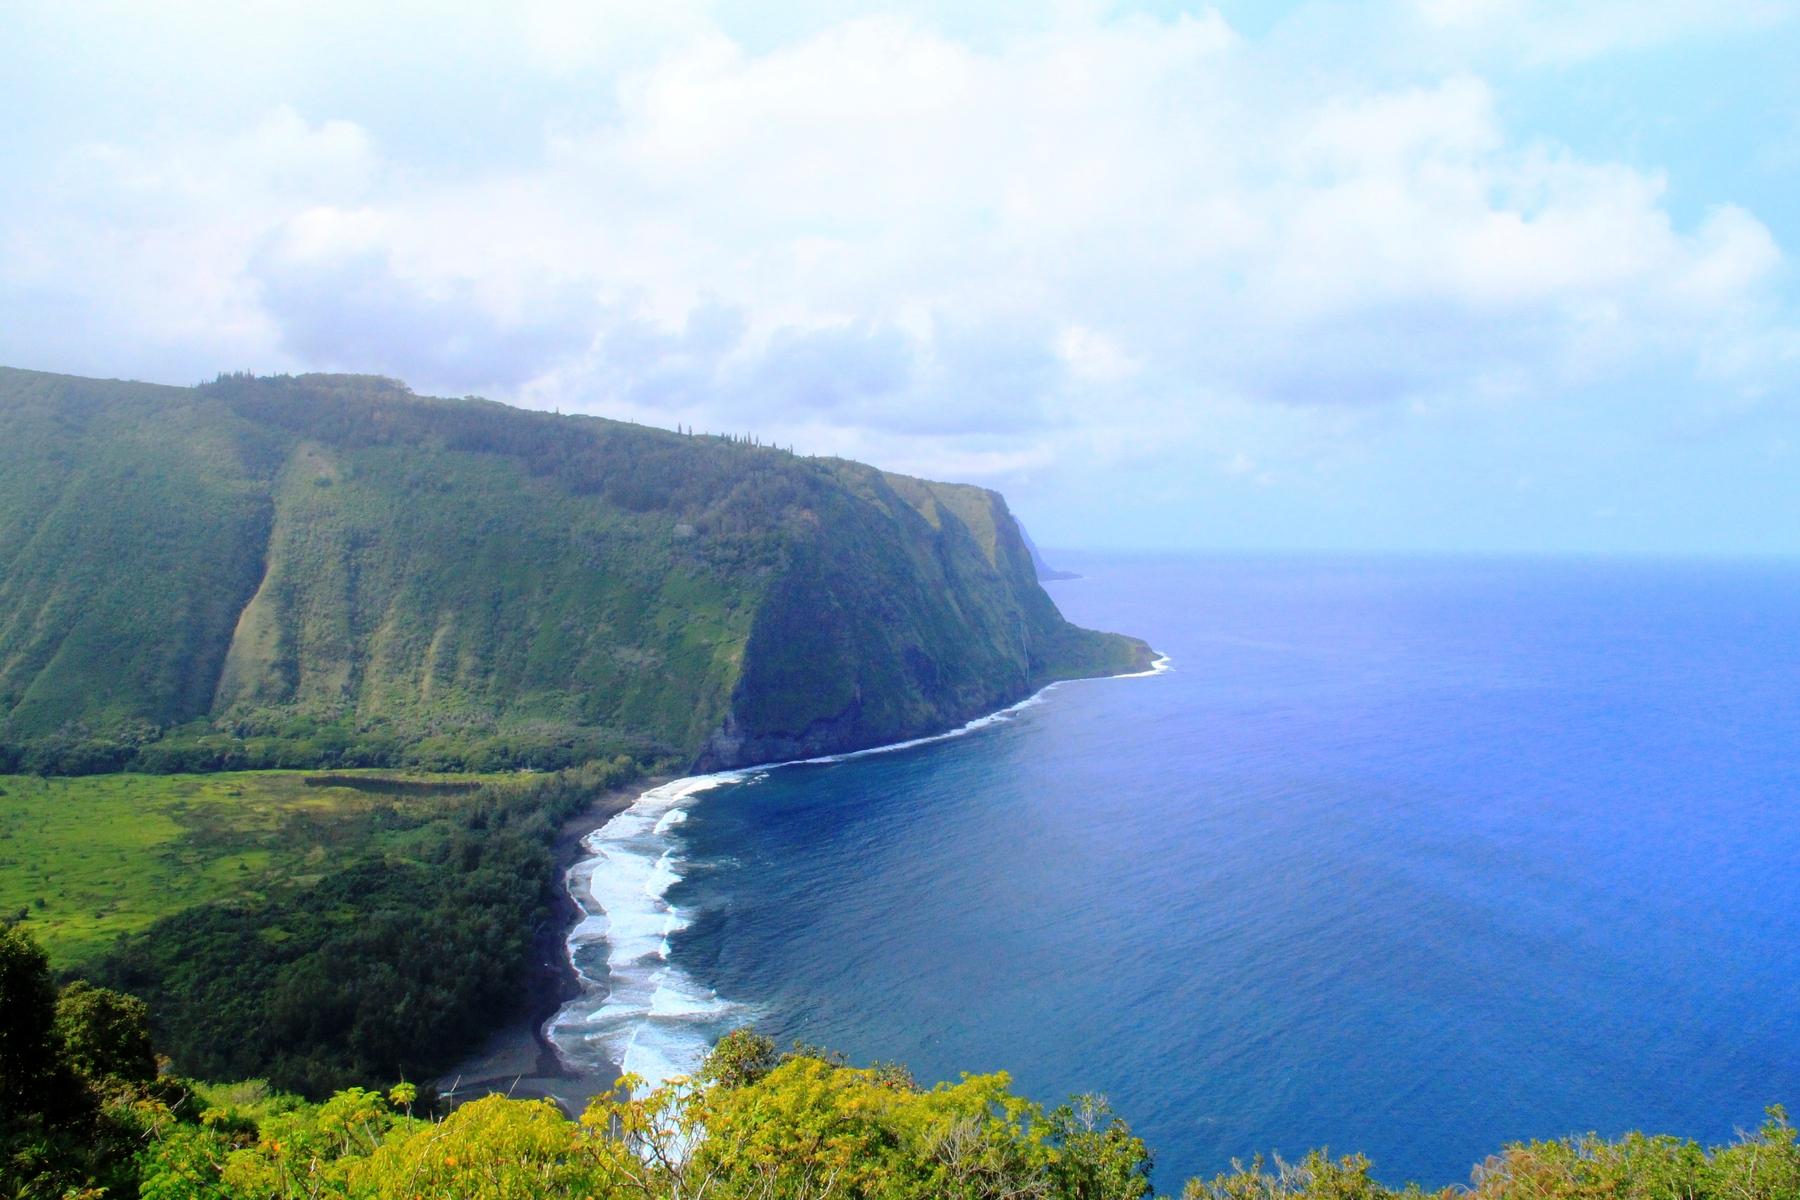 blue waves meet a green mountain from hawaiian glampsite